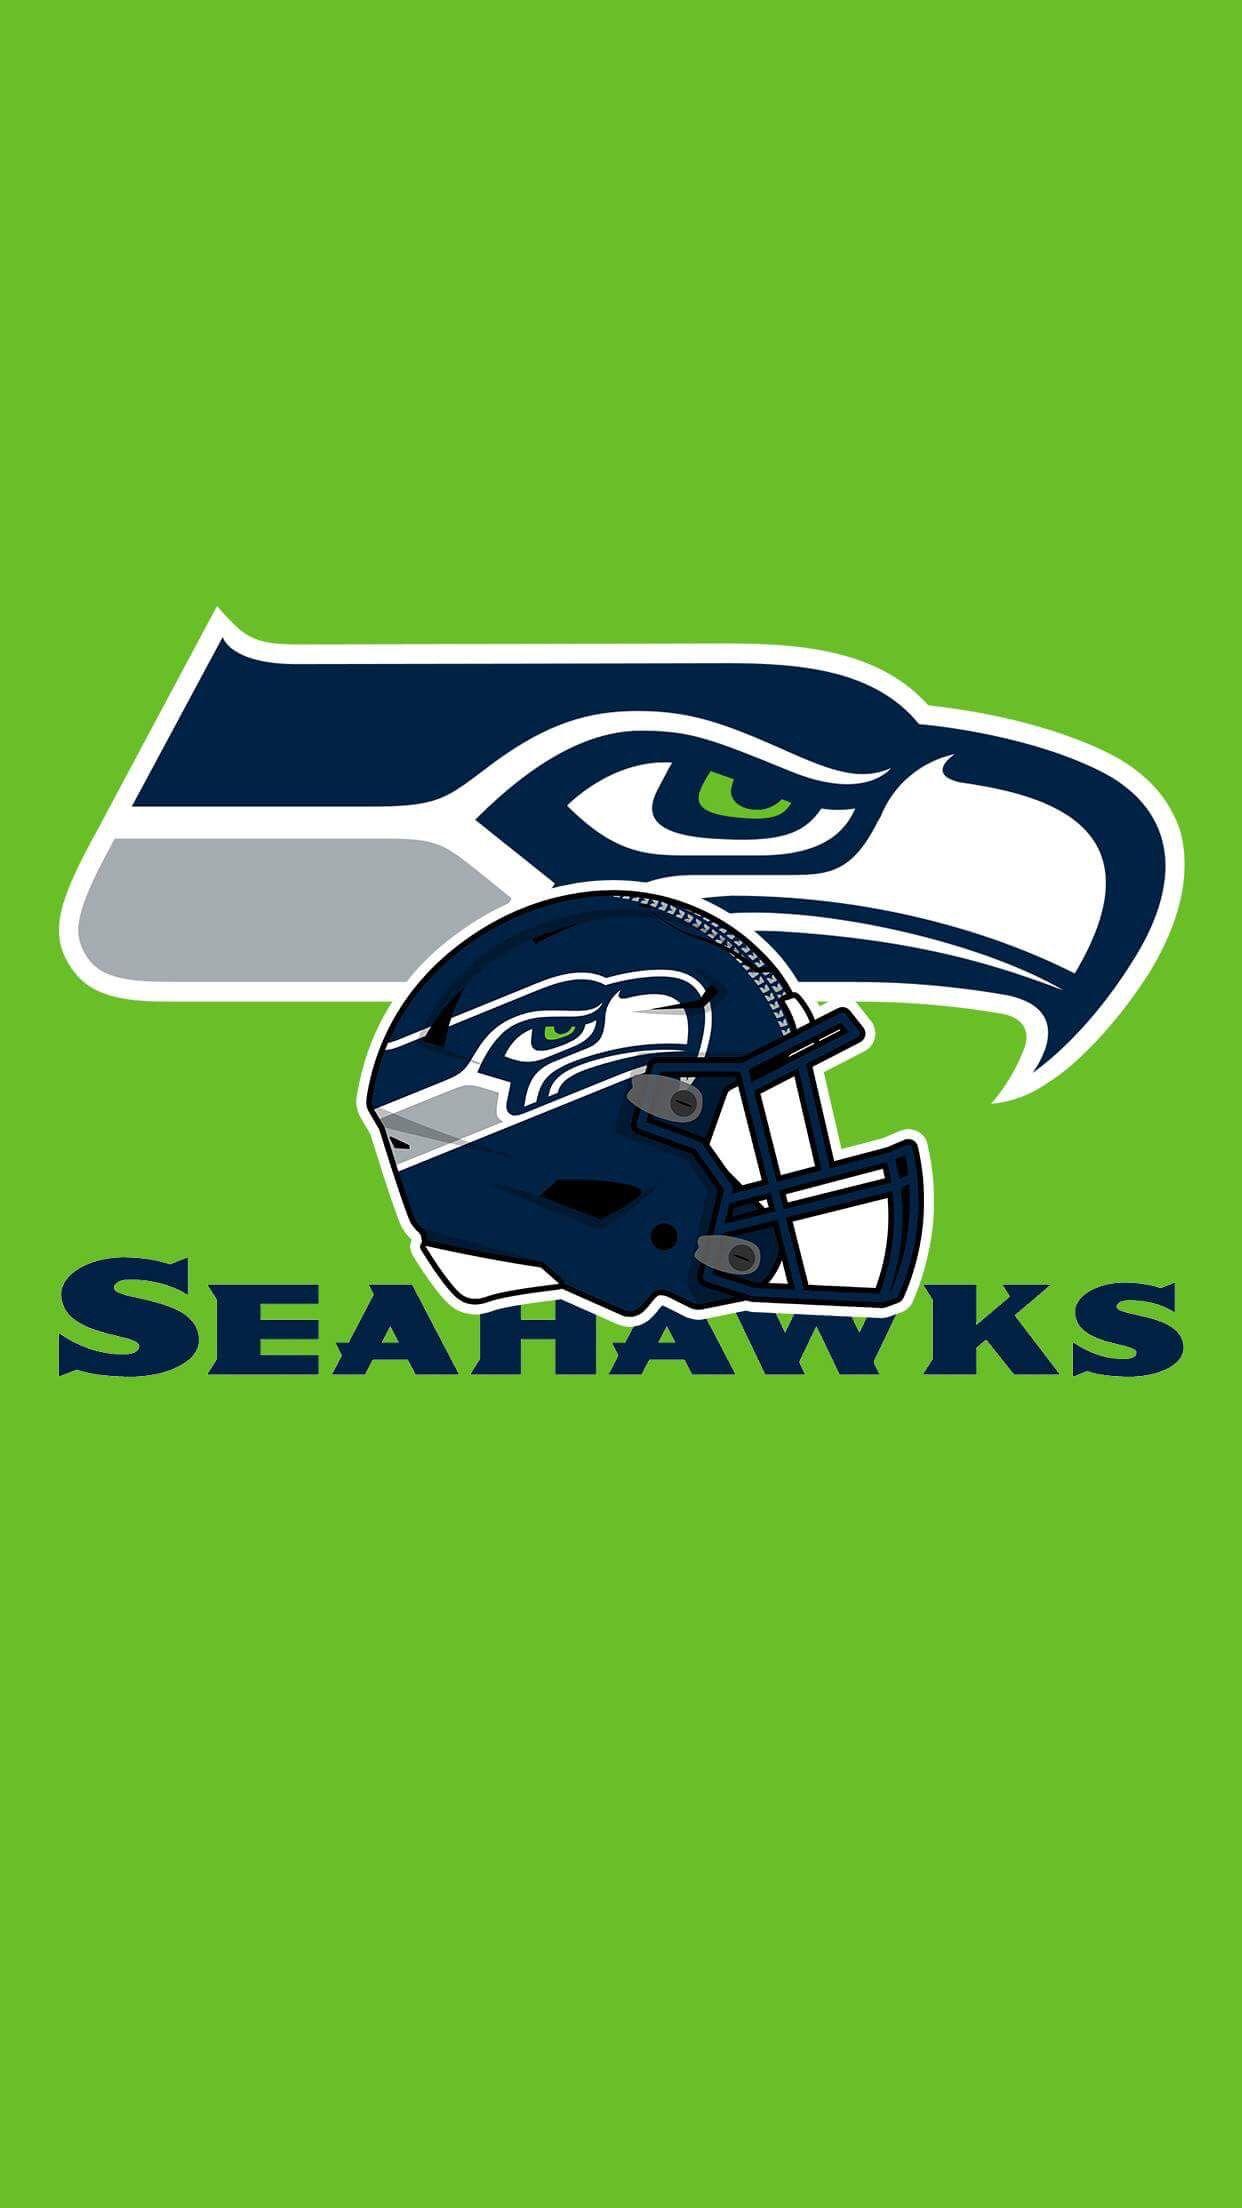 Seattle Seahawks Color Rush Wallpaper Fan Art Nfl Helmet Nfl Patriots Seahawks Color Rush Seattle Football